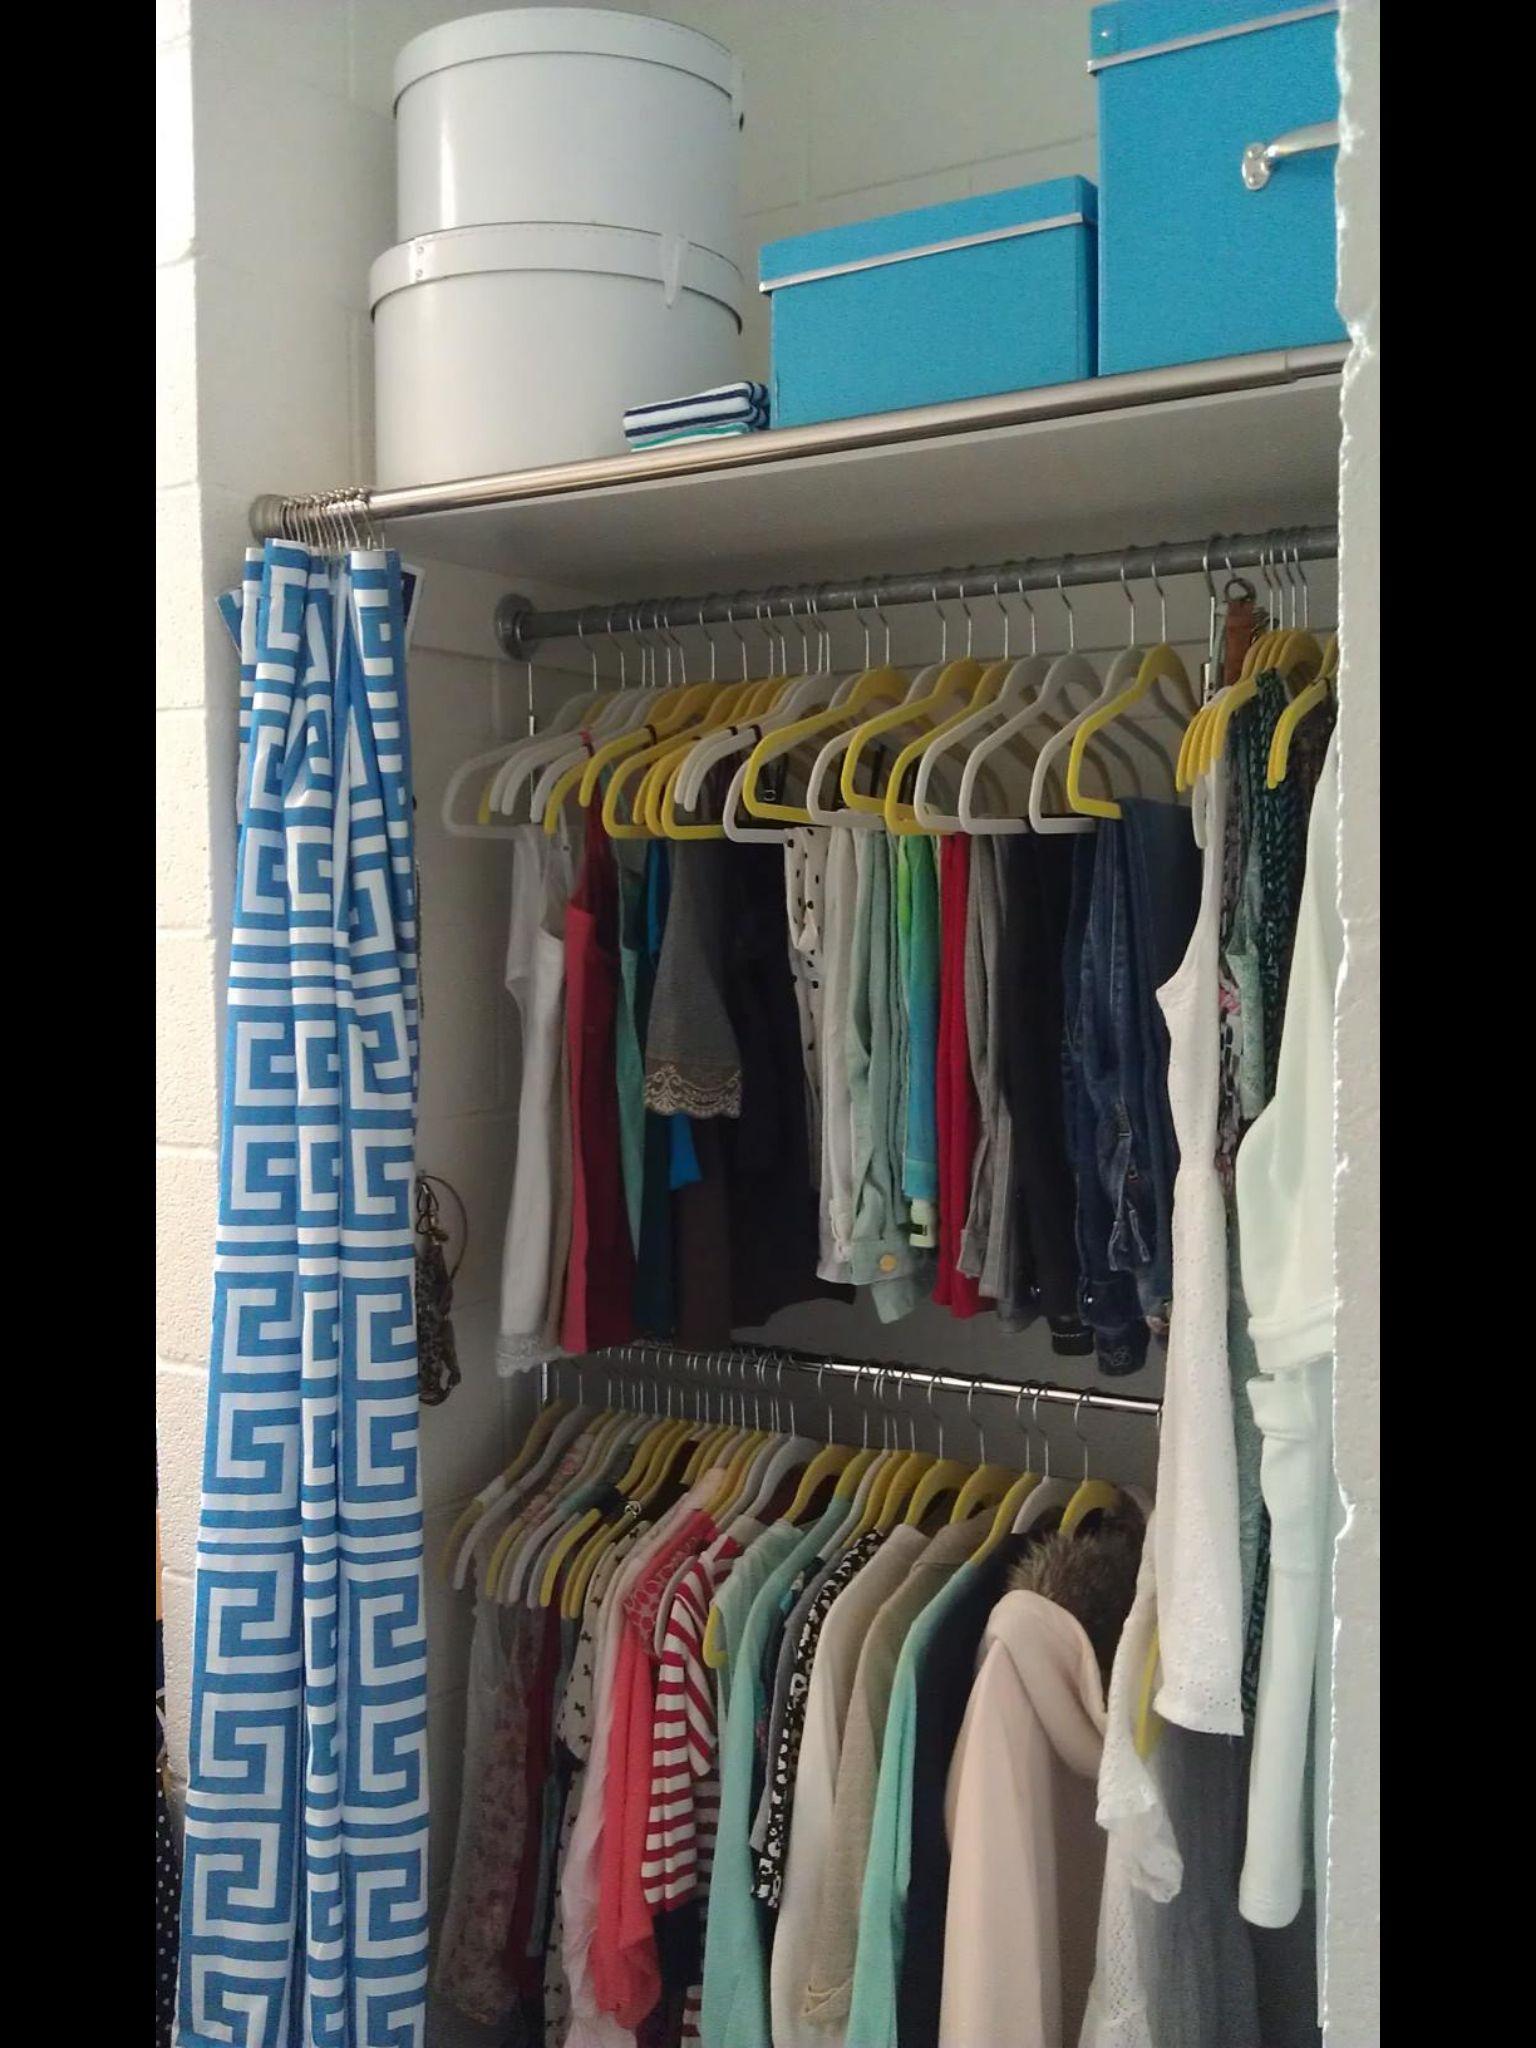 Dorm Room Closet: Dorm Closet.. Small .but Lots Can Fit!